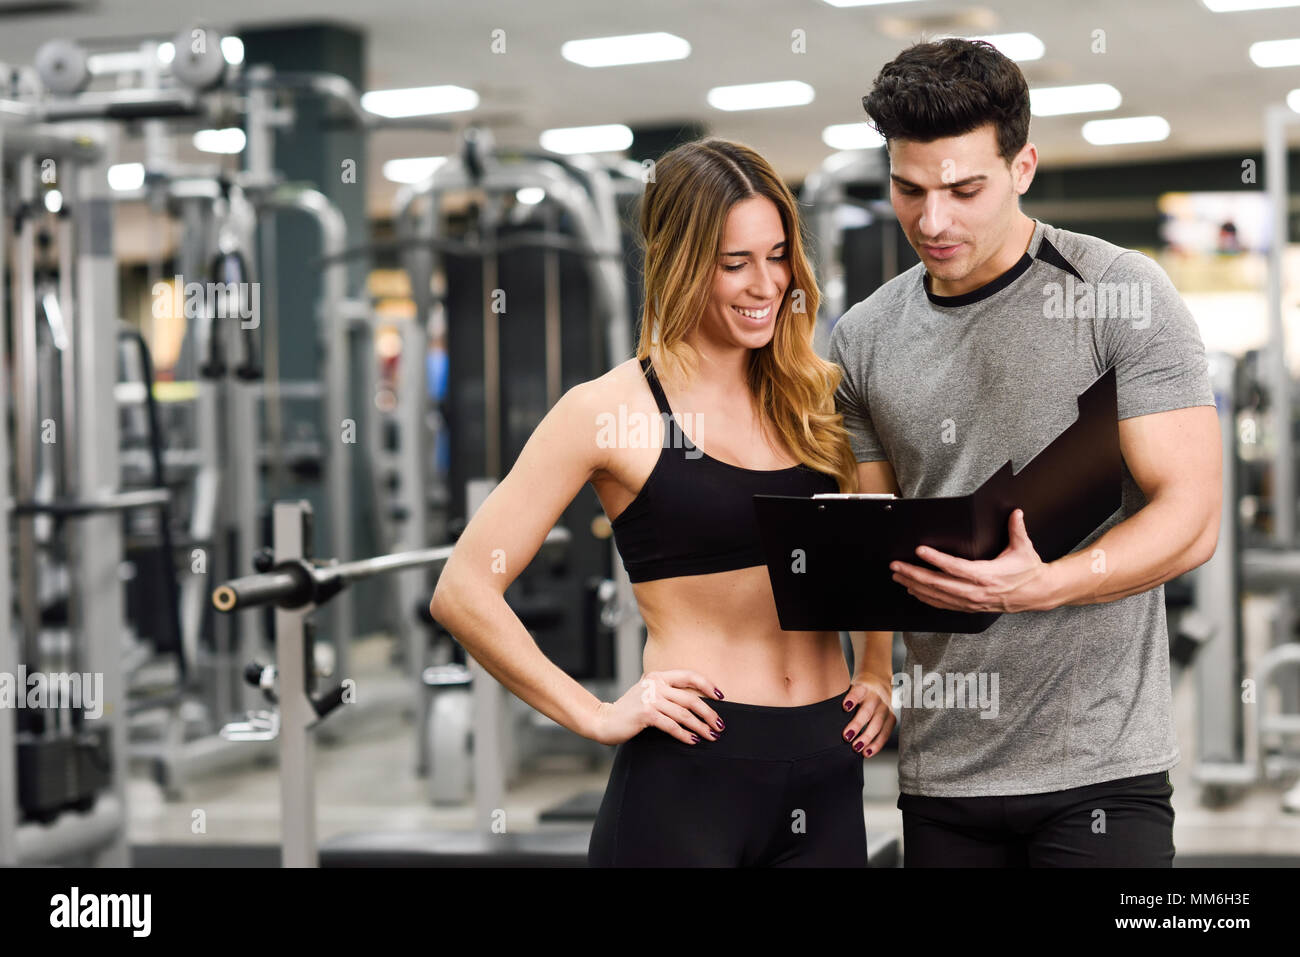 b216fc53aed8 Personal trainer e cliente guardando i suoi progressi in palestra. Athletic  l uomo e la donna che indossa abbigliamento sportivo.